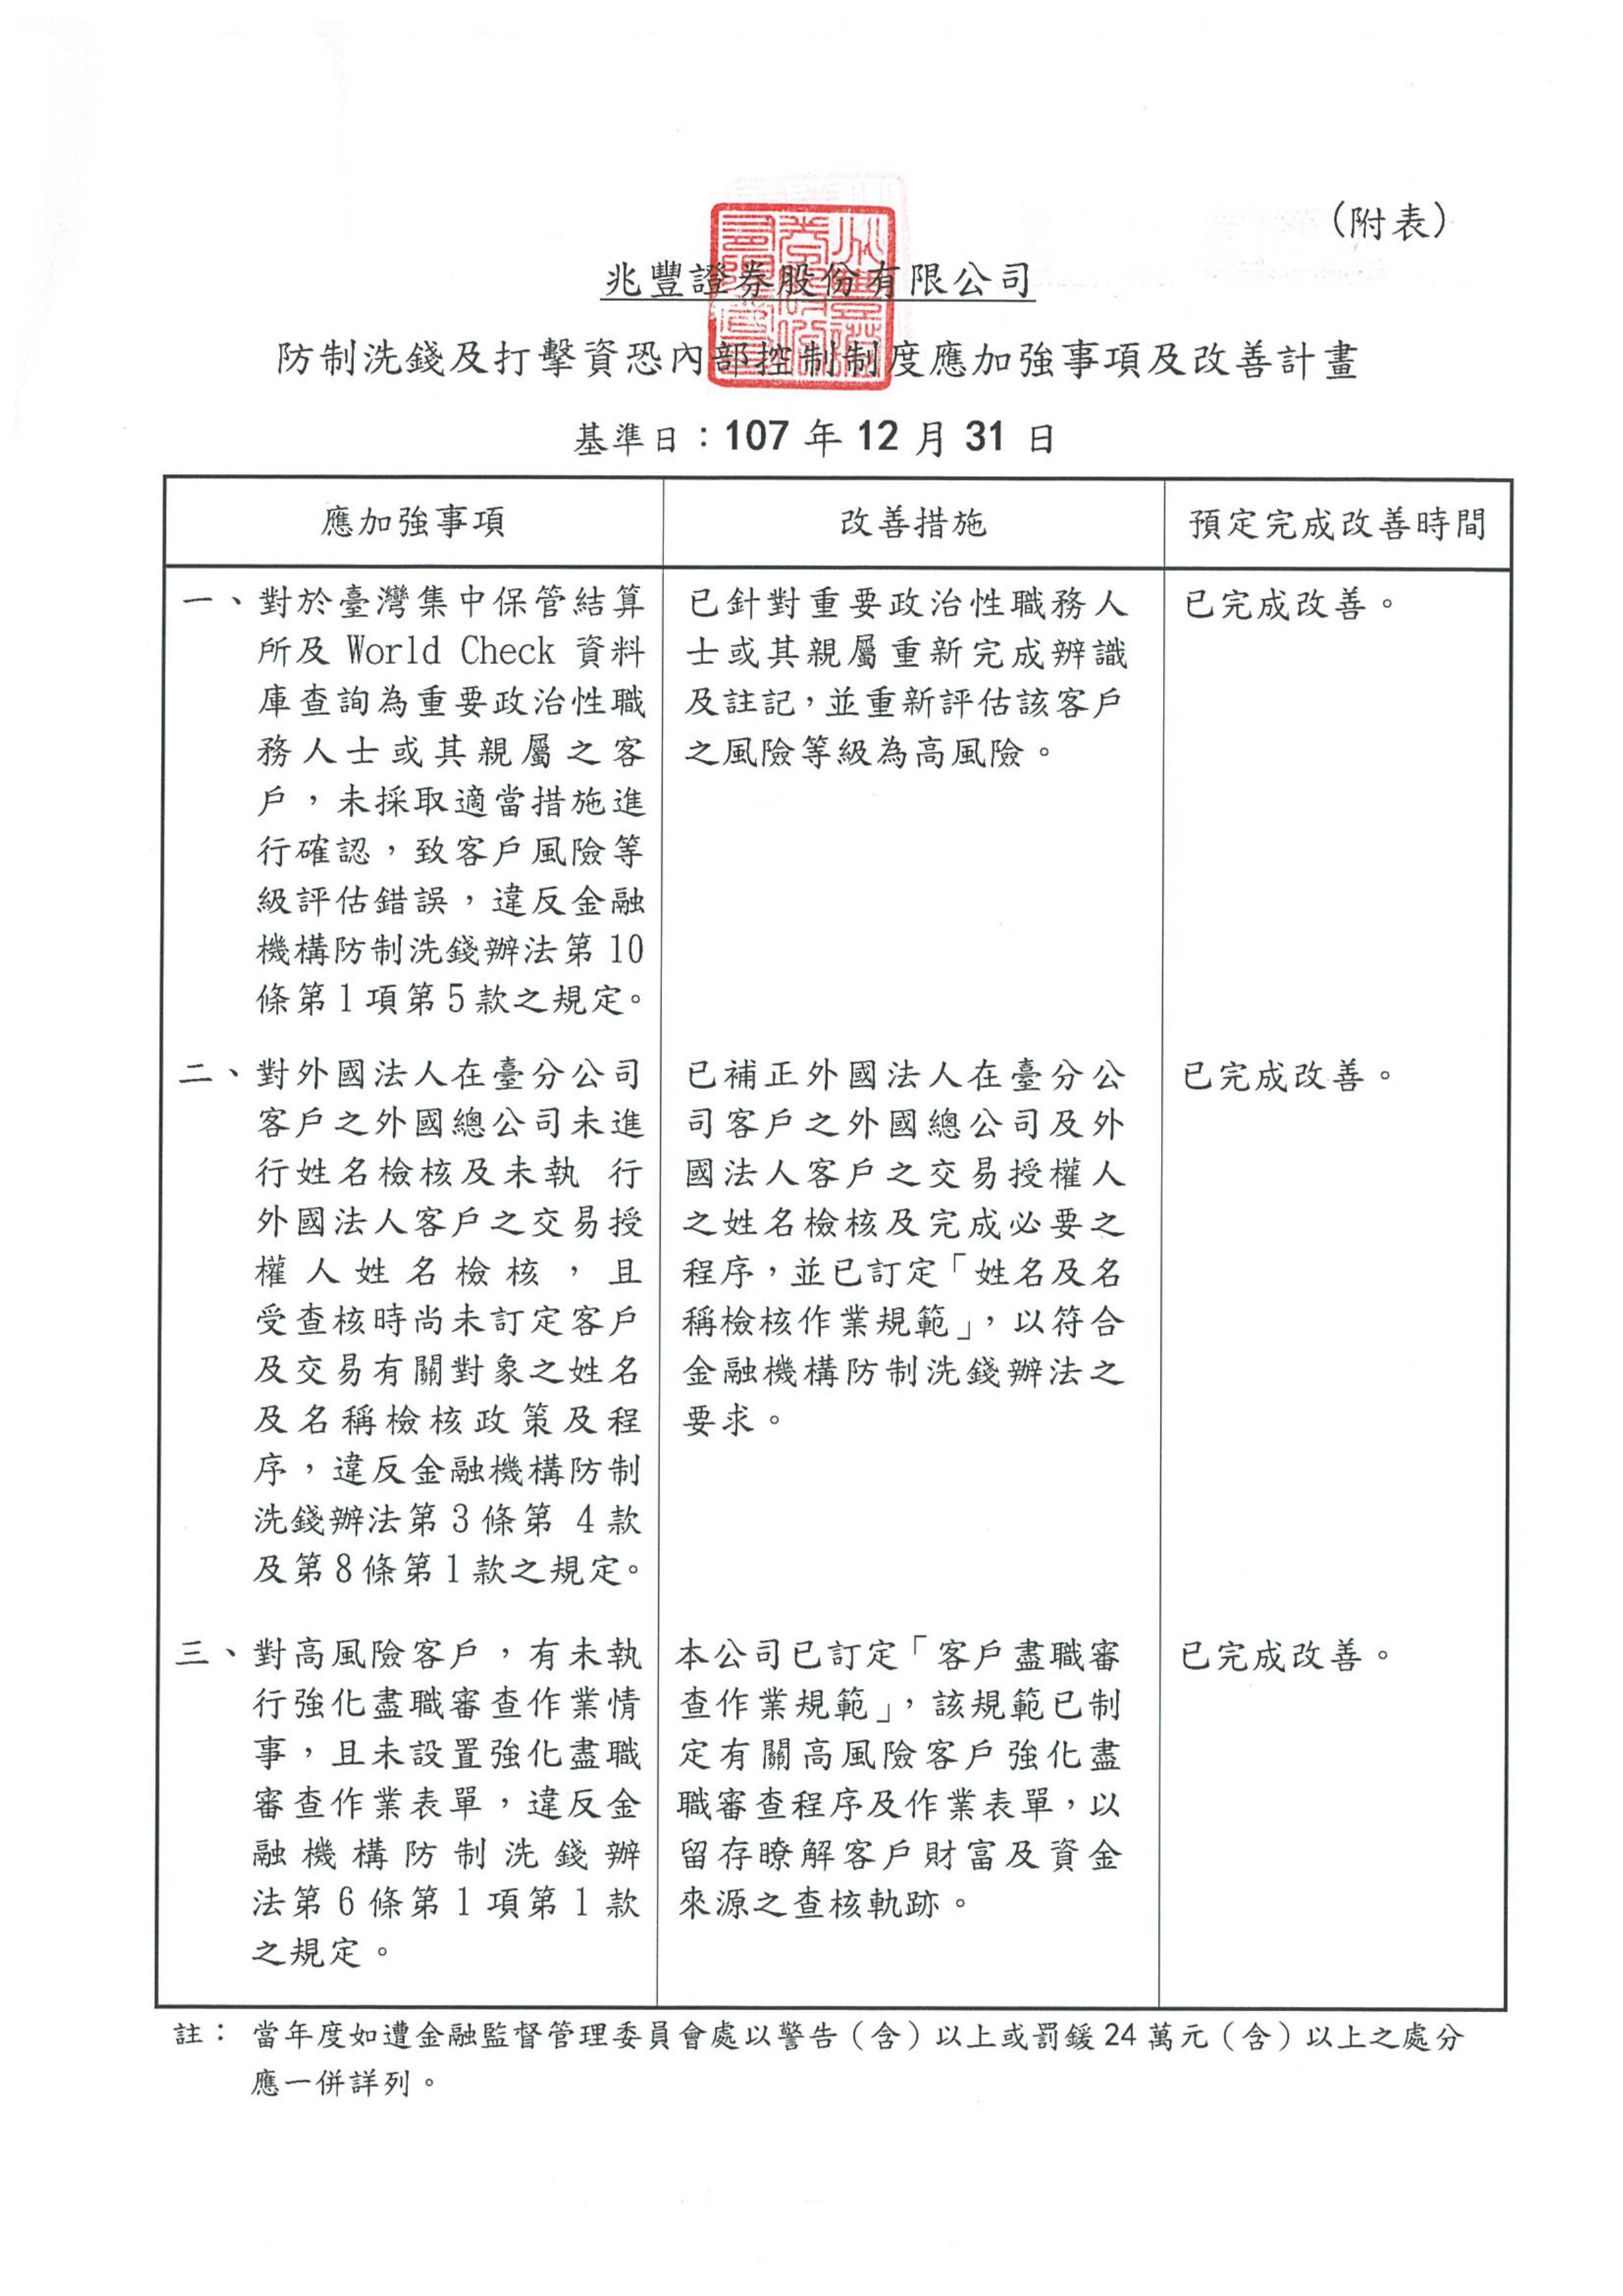 防制洗錢及打擊資恐內部控制制度聲明書108-2